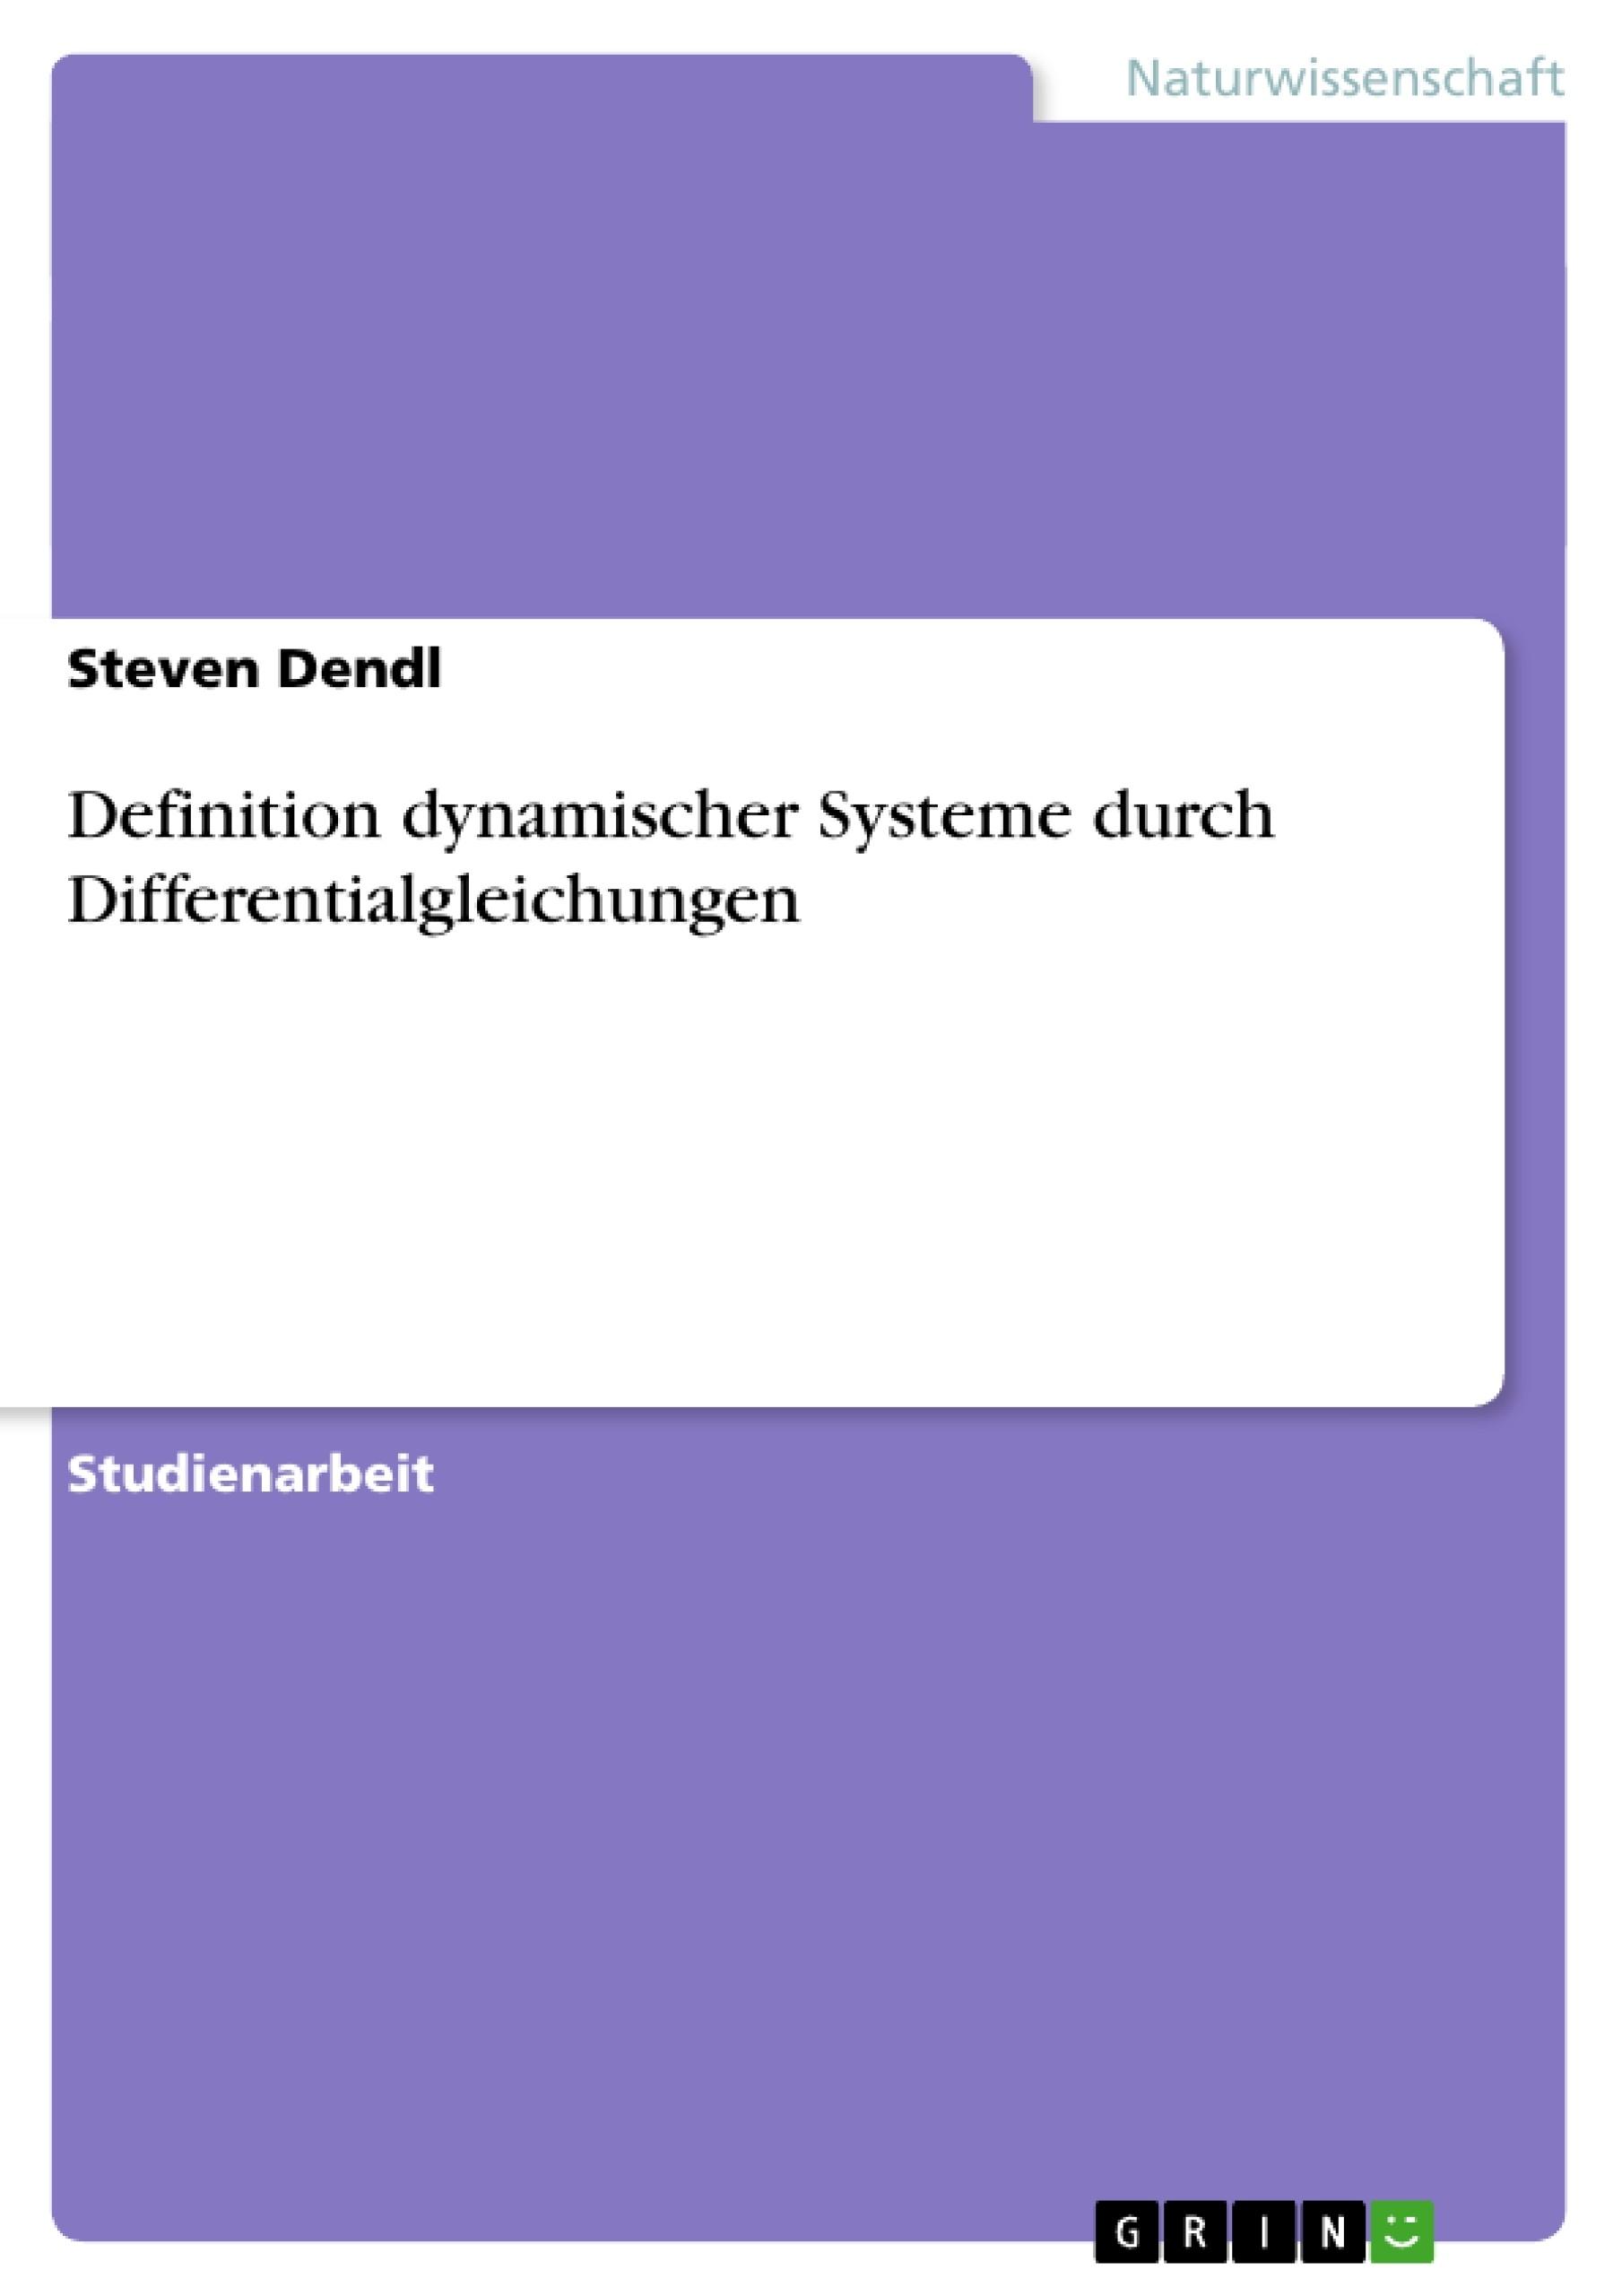 Titel: Definition dynamischer Systeme durch Differentialgleichungen